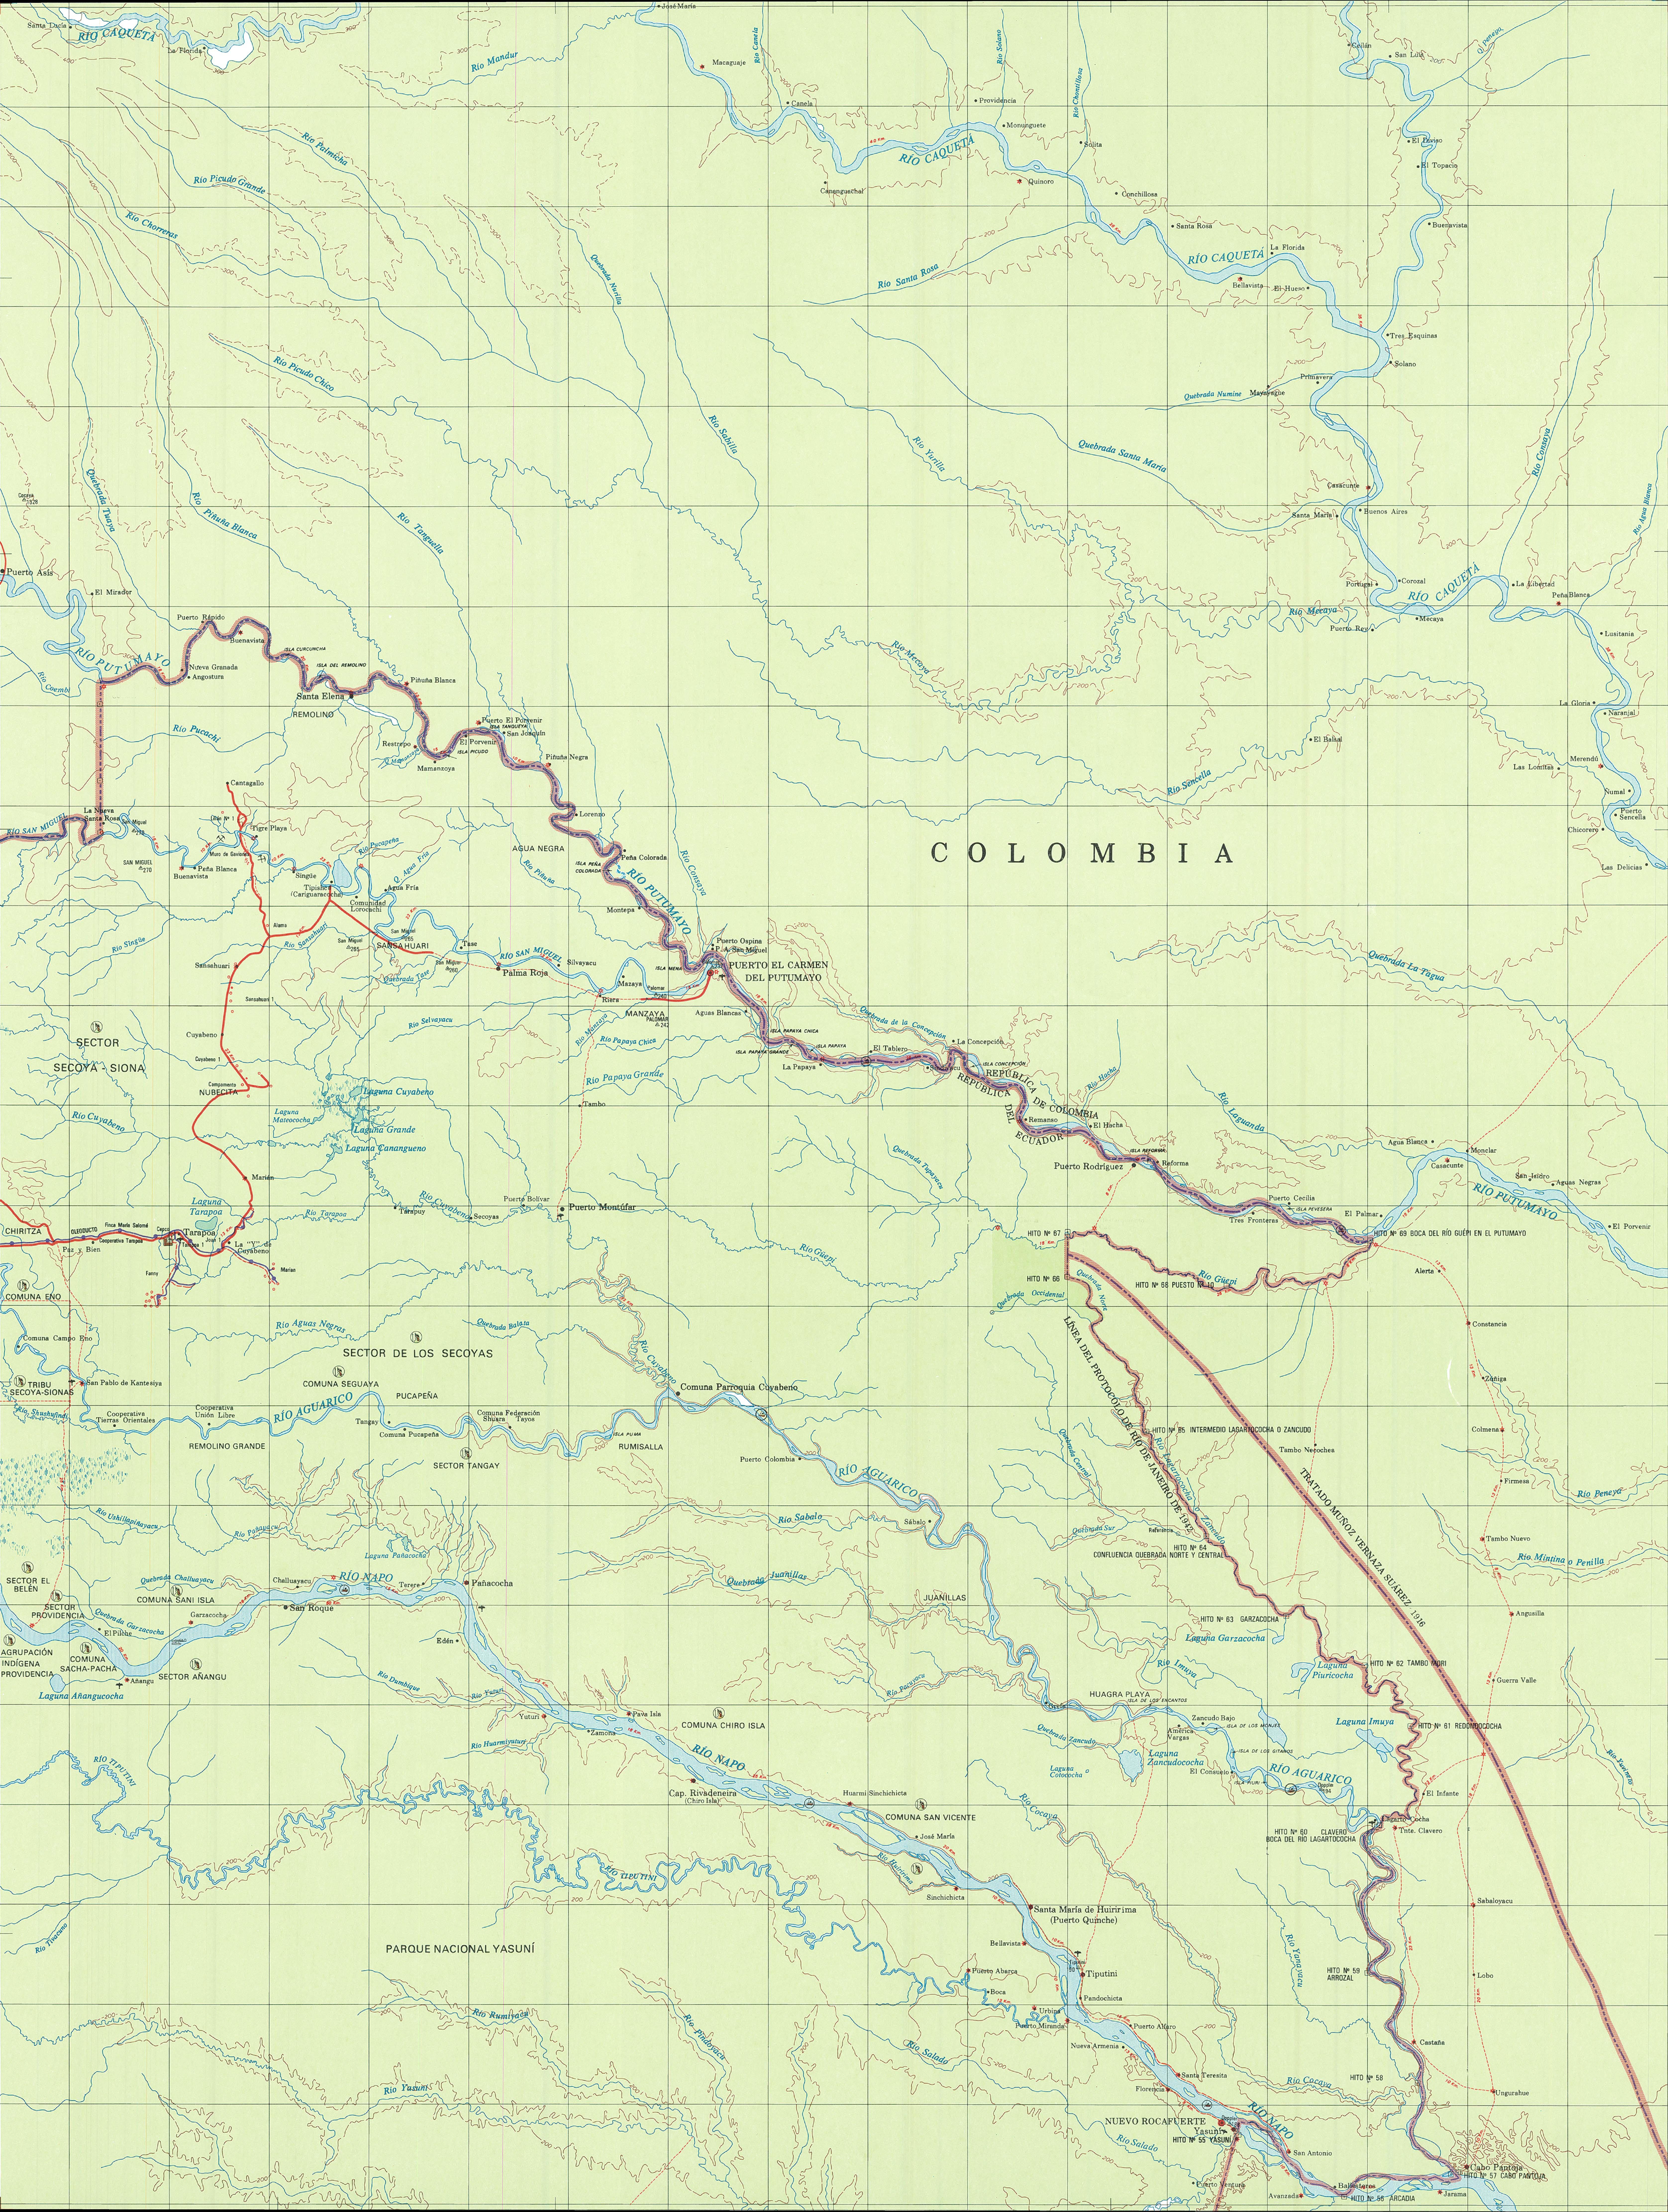 Mapa topográfico de la Región Amazónica 2